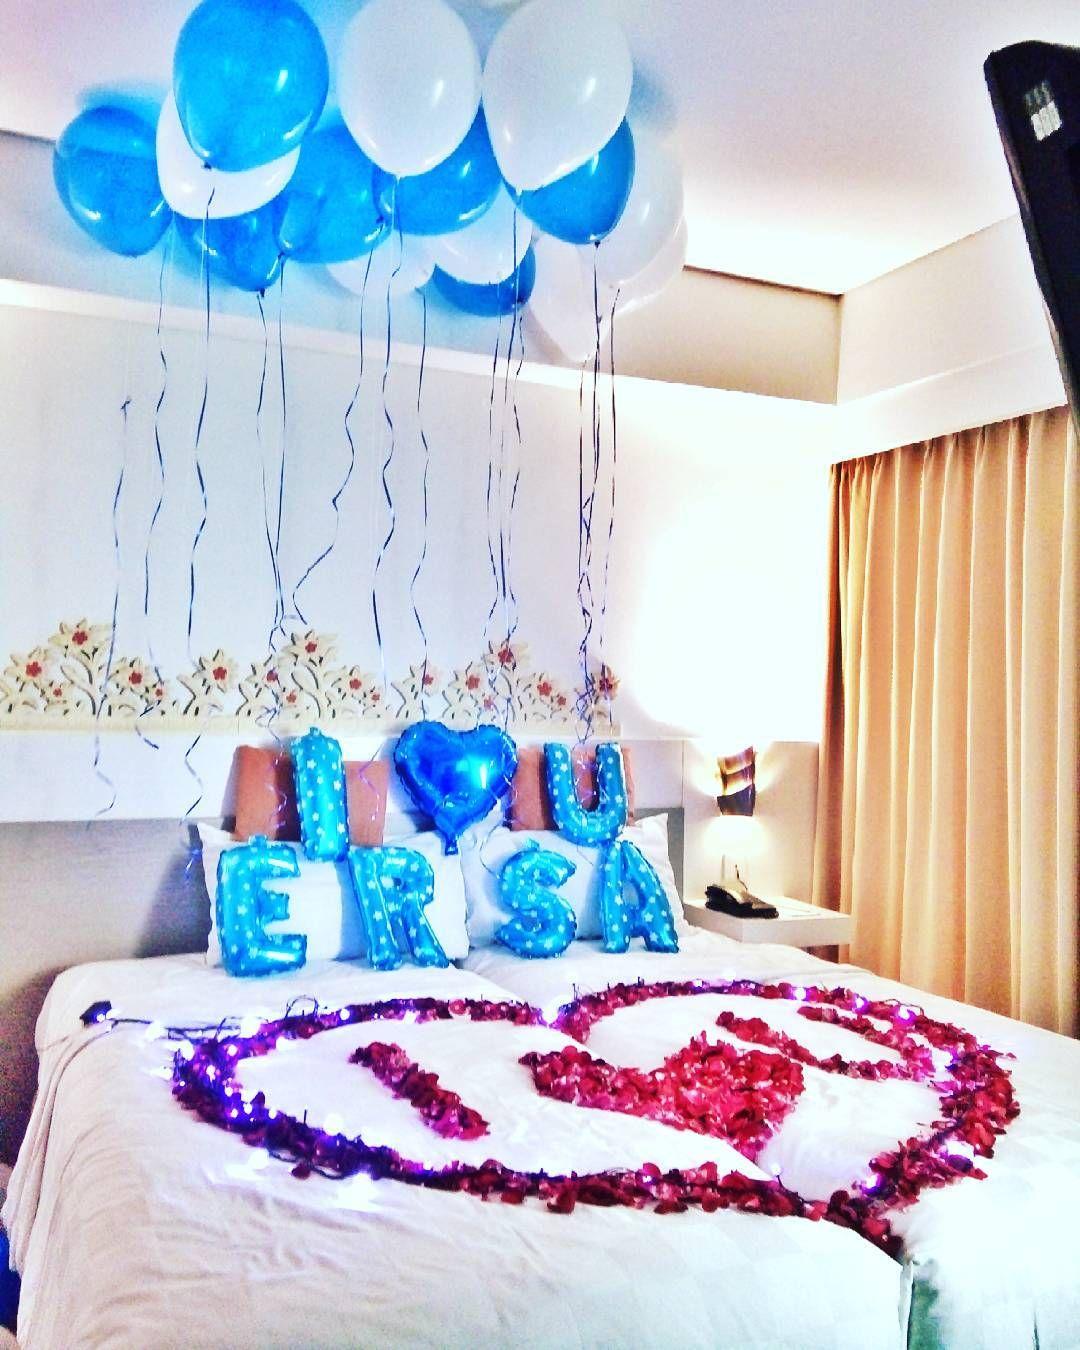 Dekorasi Ulang Tahun Di Kamar Hotel Surprise Untuk Pacar Dengan